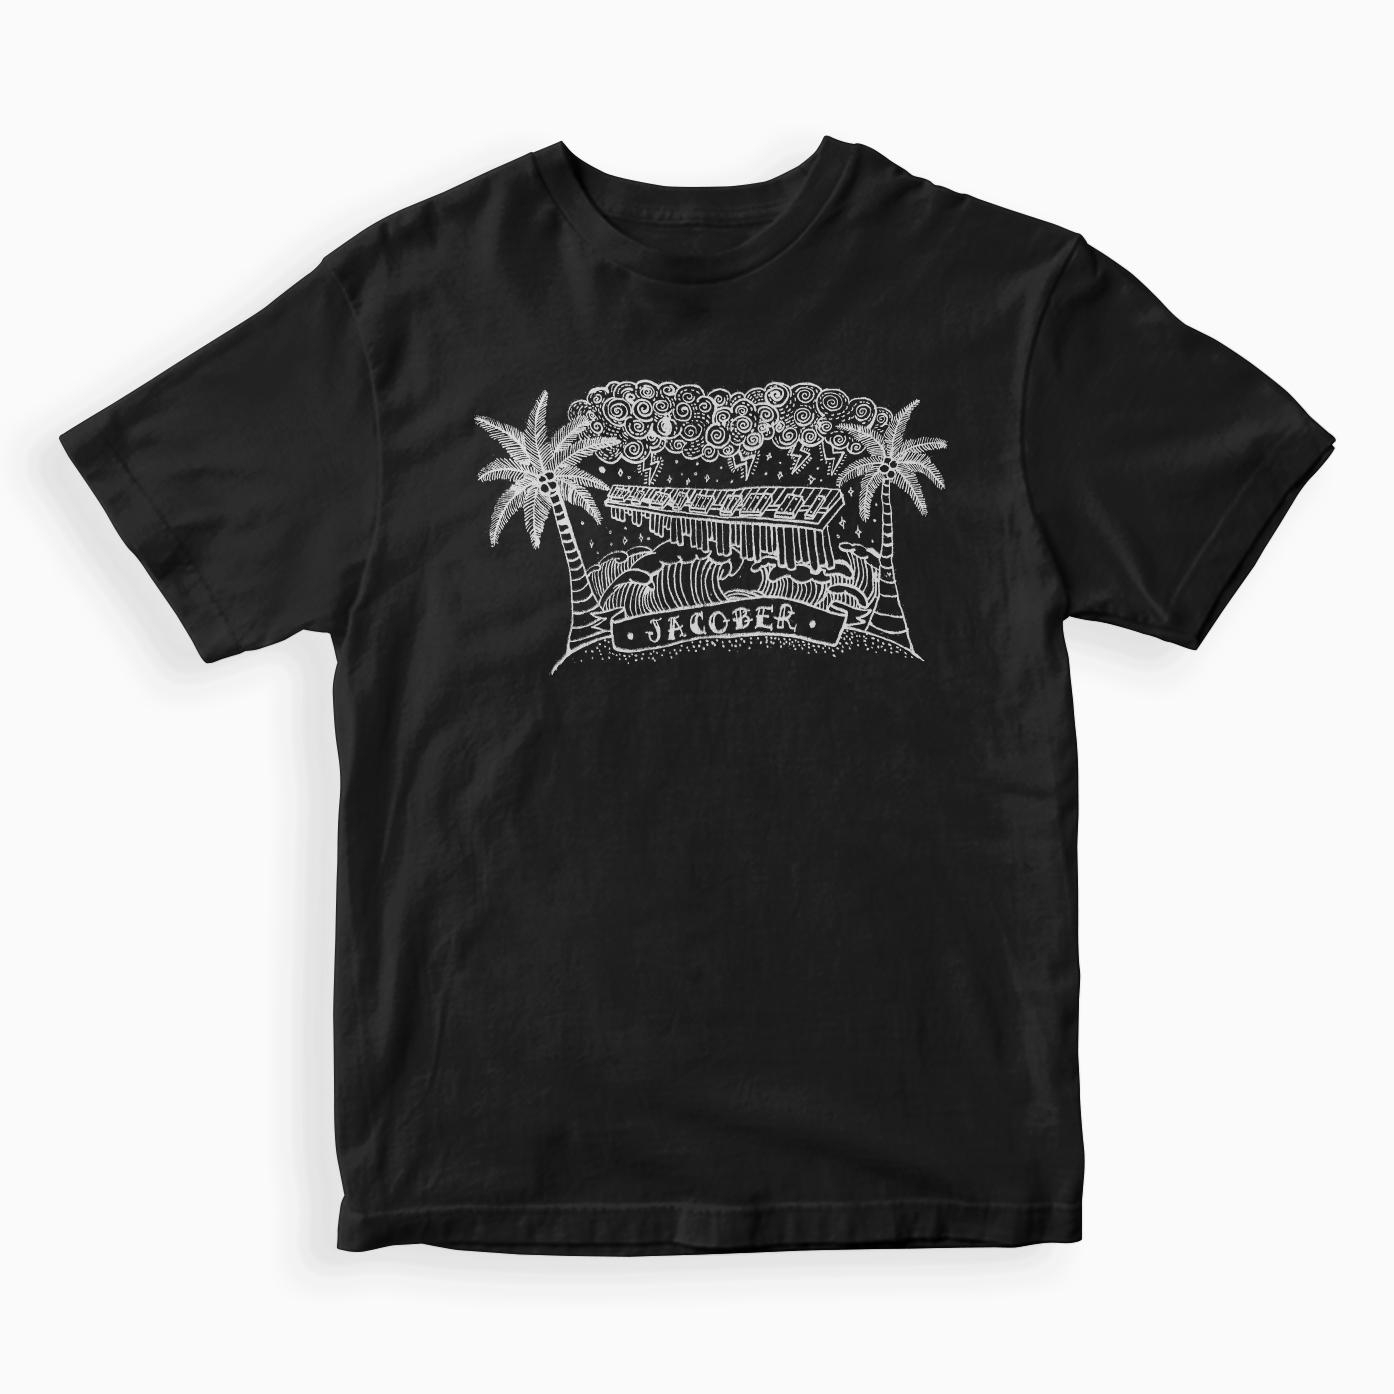 Jacober - Shirt